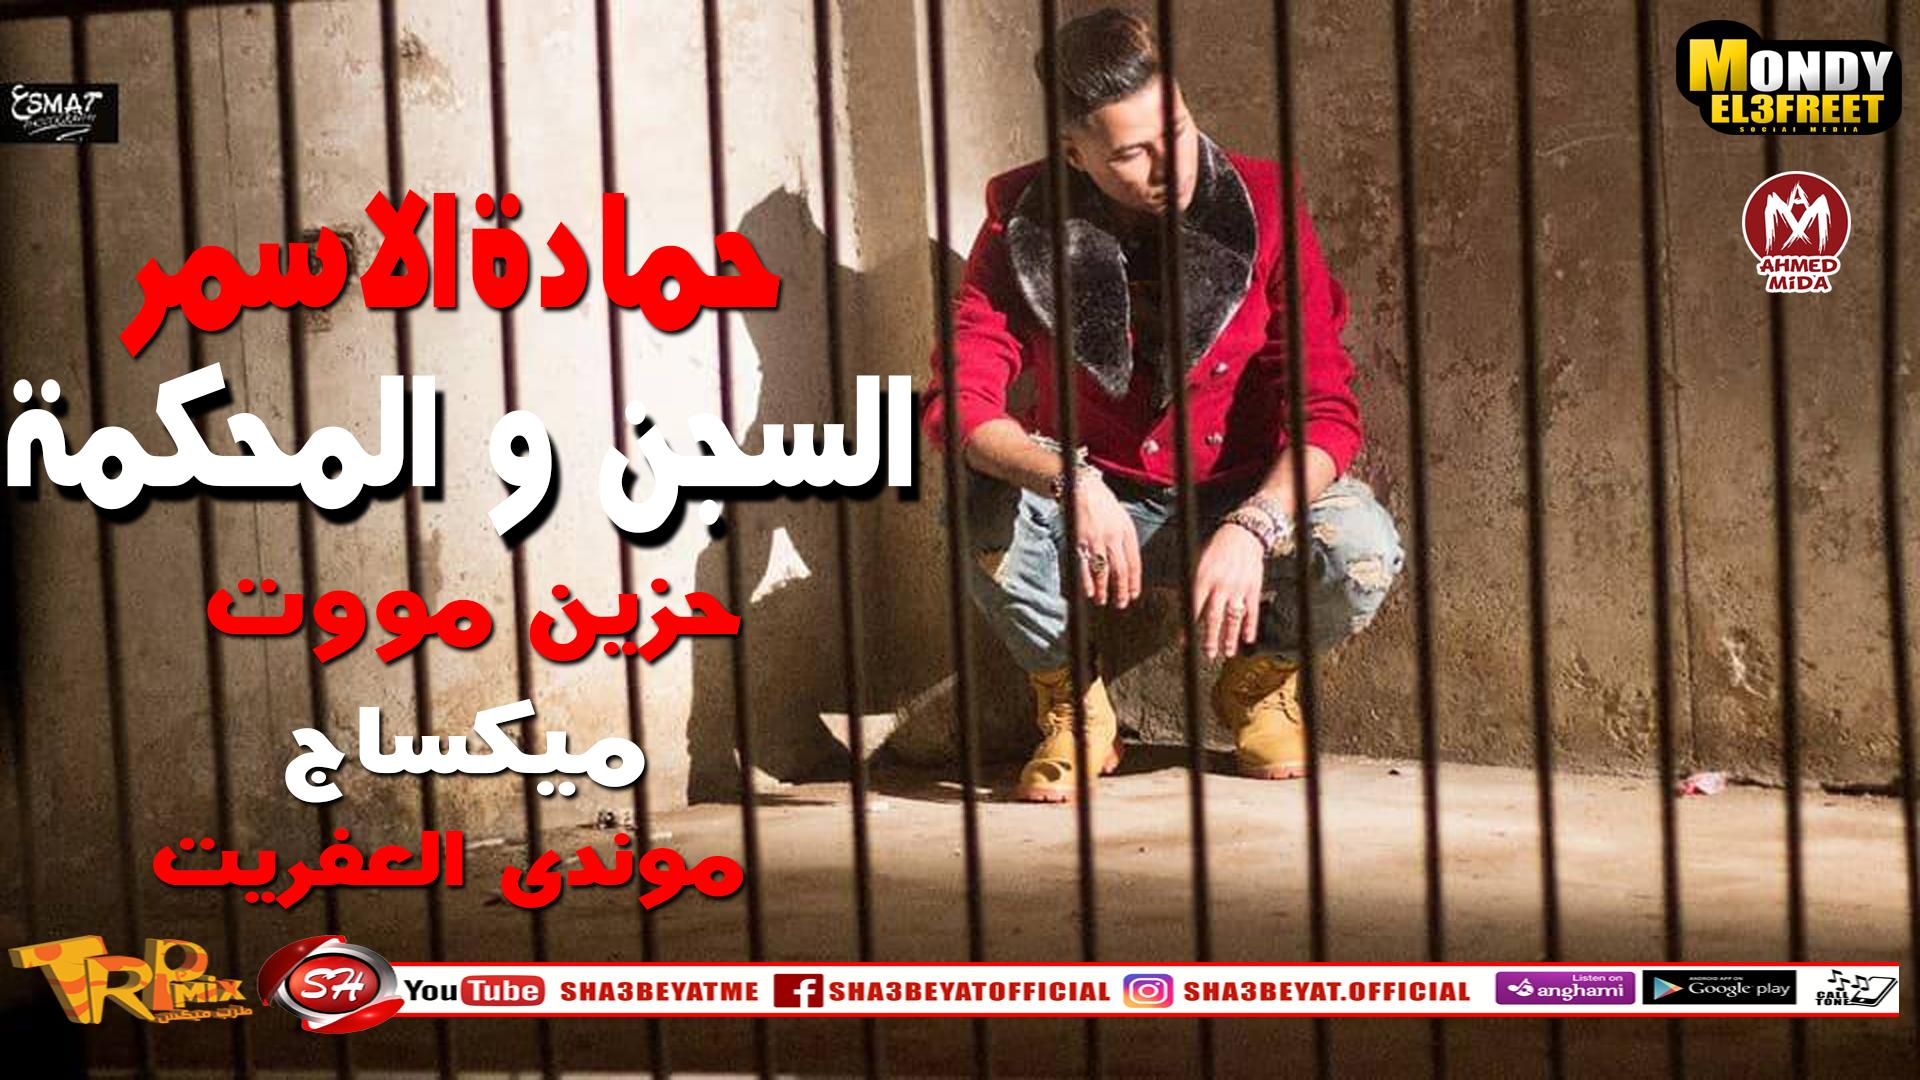 حمادة الاسمر 2018 موال السجن و المحكمة جديد حزين مووت أنفجار من عيار التقيل اوى